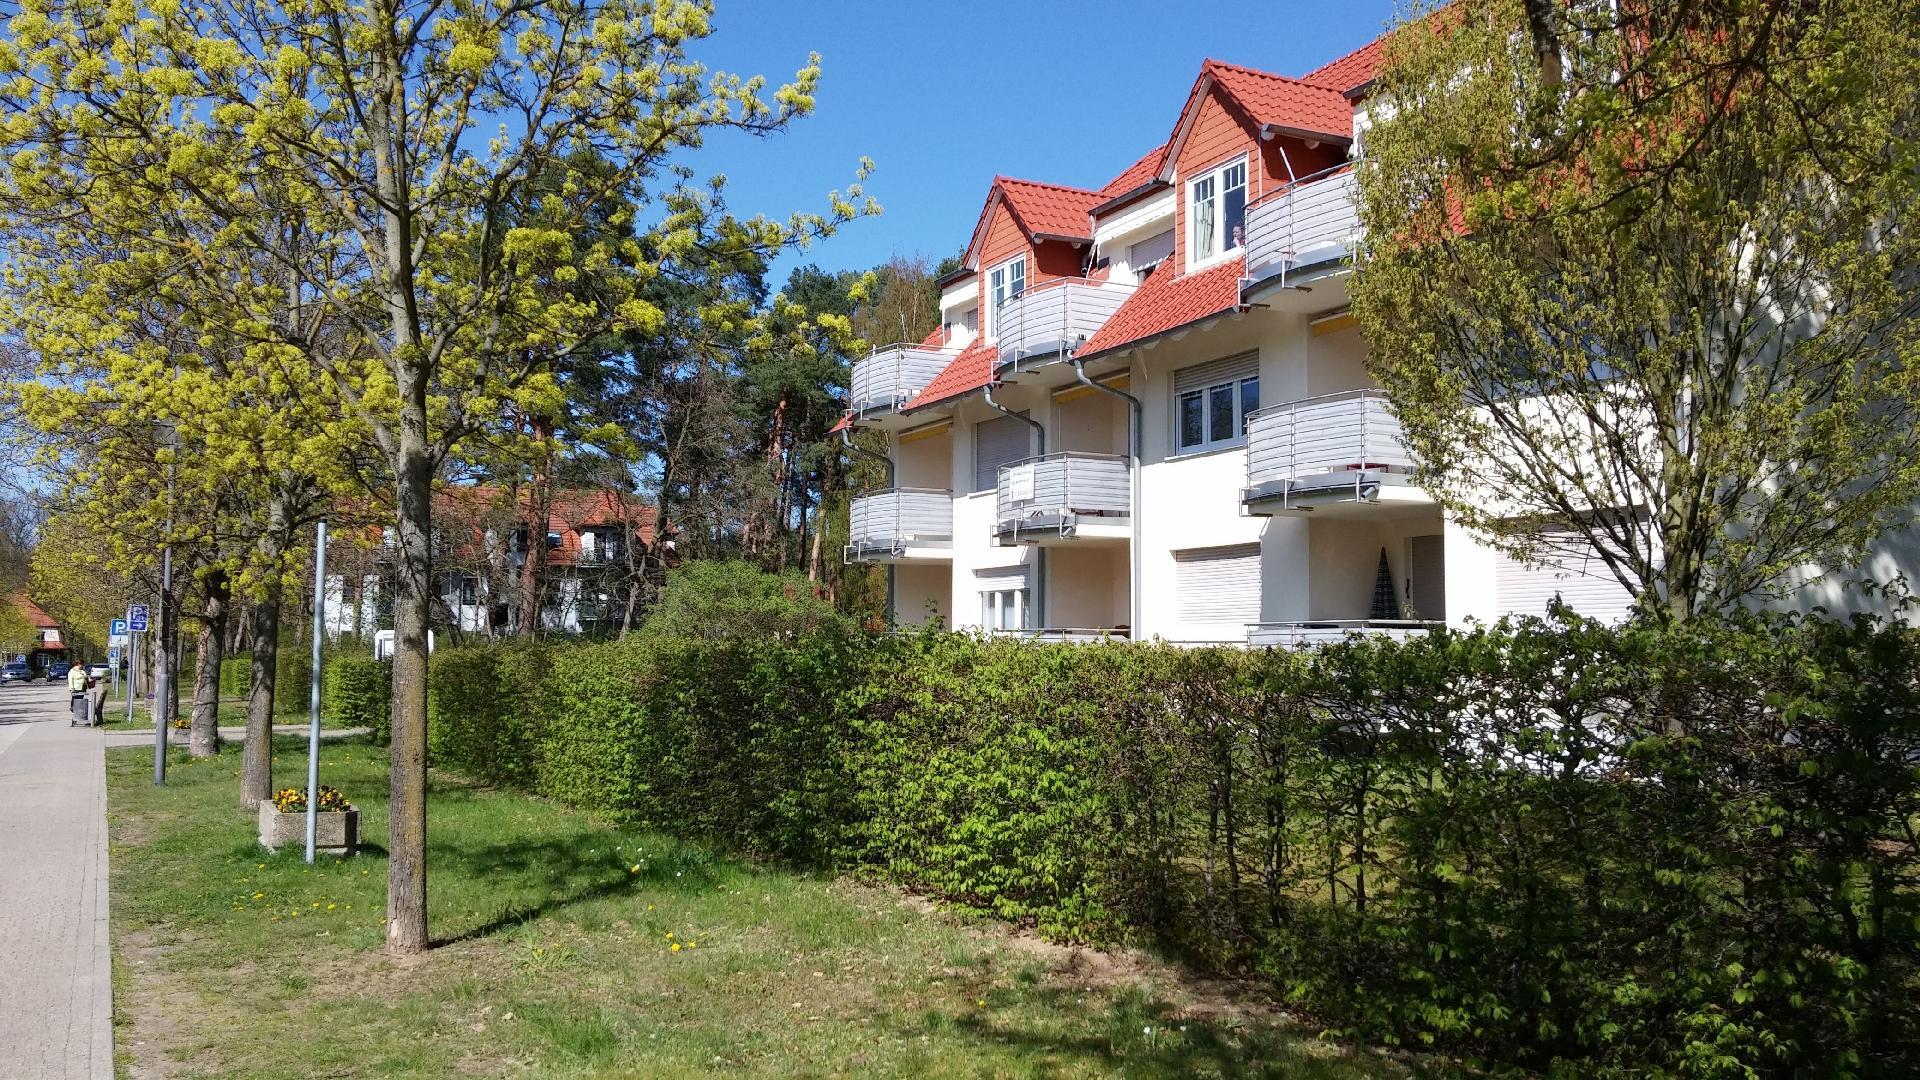 Ferienwohnung mit Balkon für drei Personen   Brandenburg